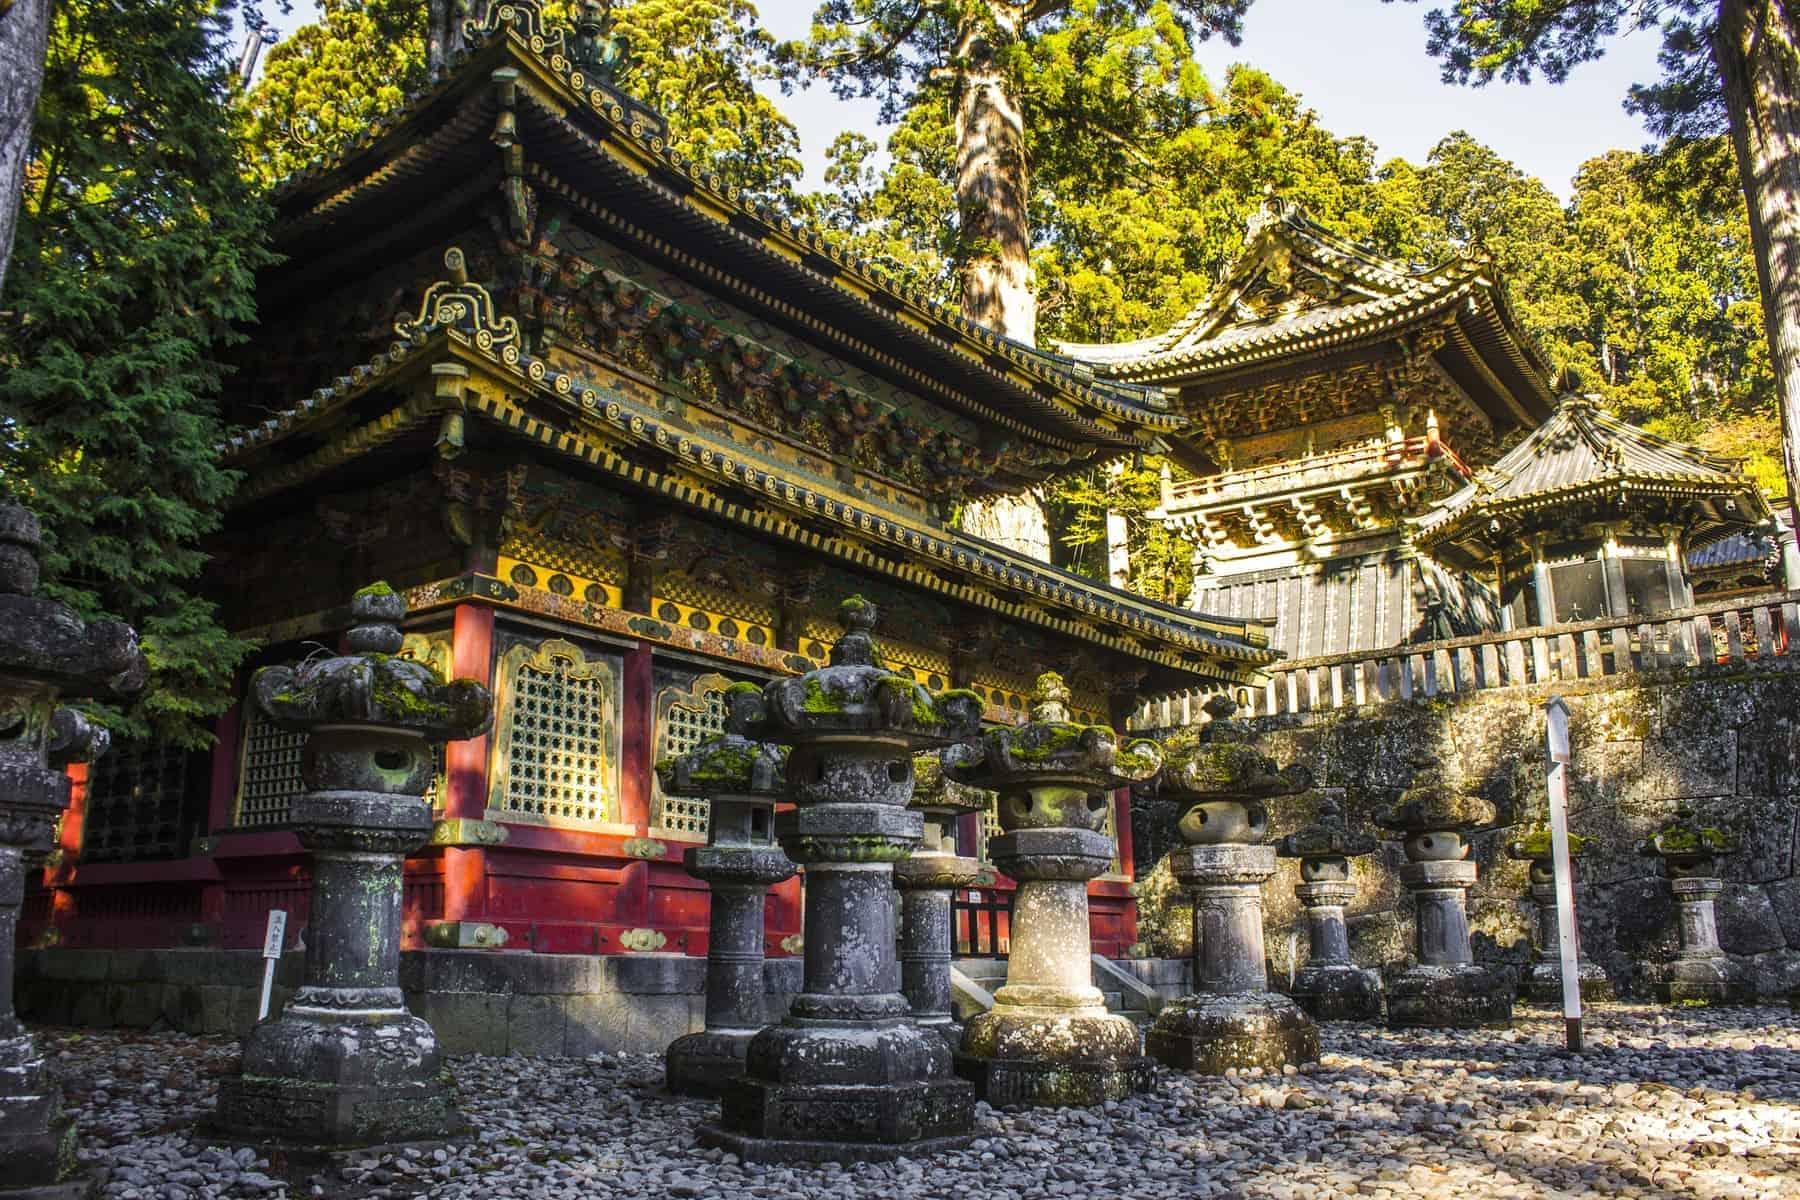 Tosho-gu, en Shinto-helligdom dedikeret til Tokugawa Ieyasu, grundlæggeren af Tokugawa-shogunatet, der ligger i Nikko, Japan. Et verdensarvssted siden 1999